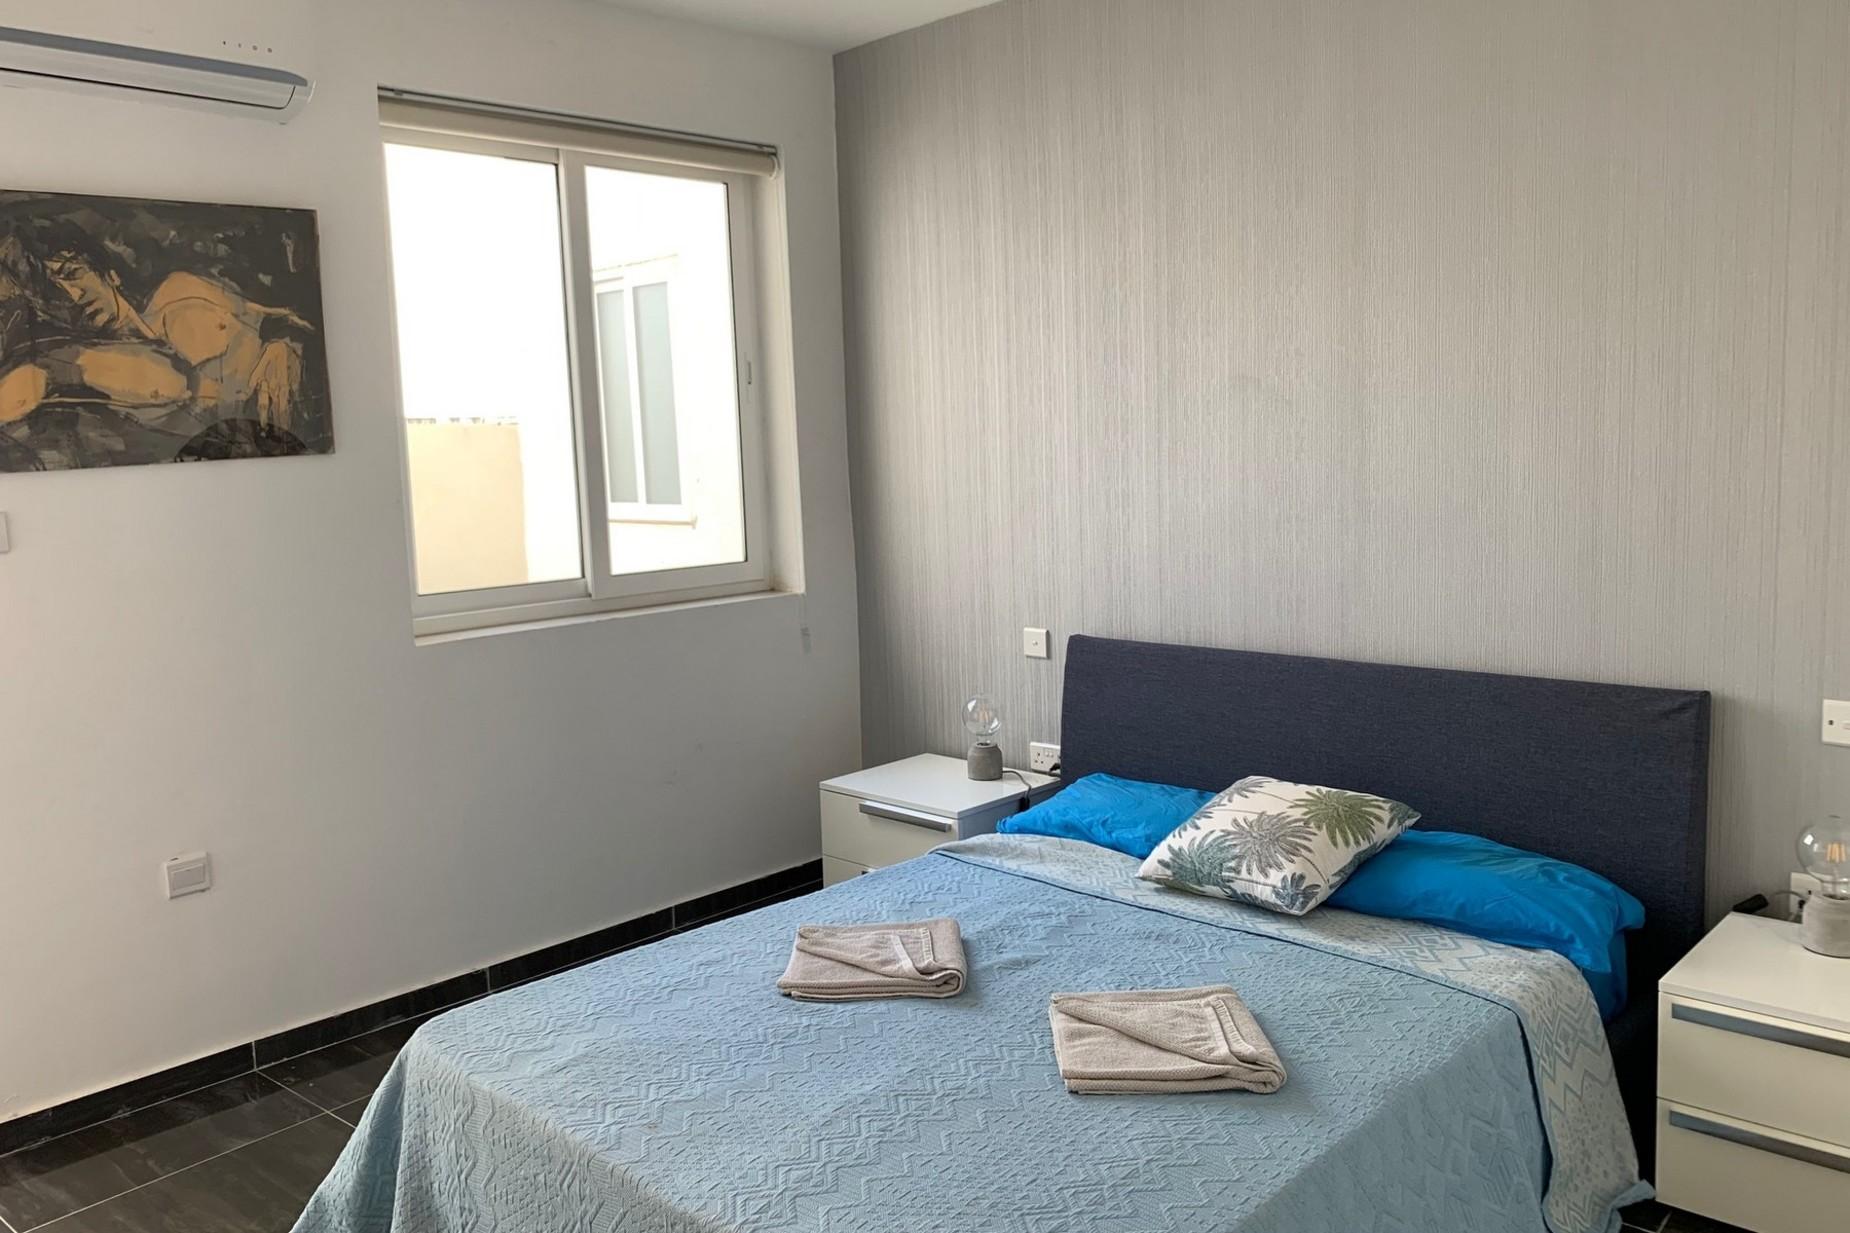 1 bed Apartment For Sale in Gzira, Gzira - thumb 6